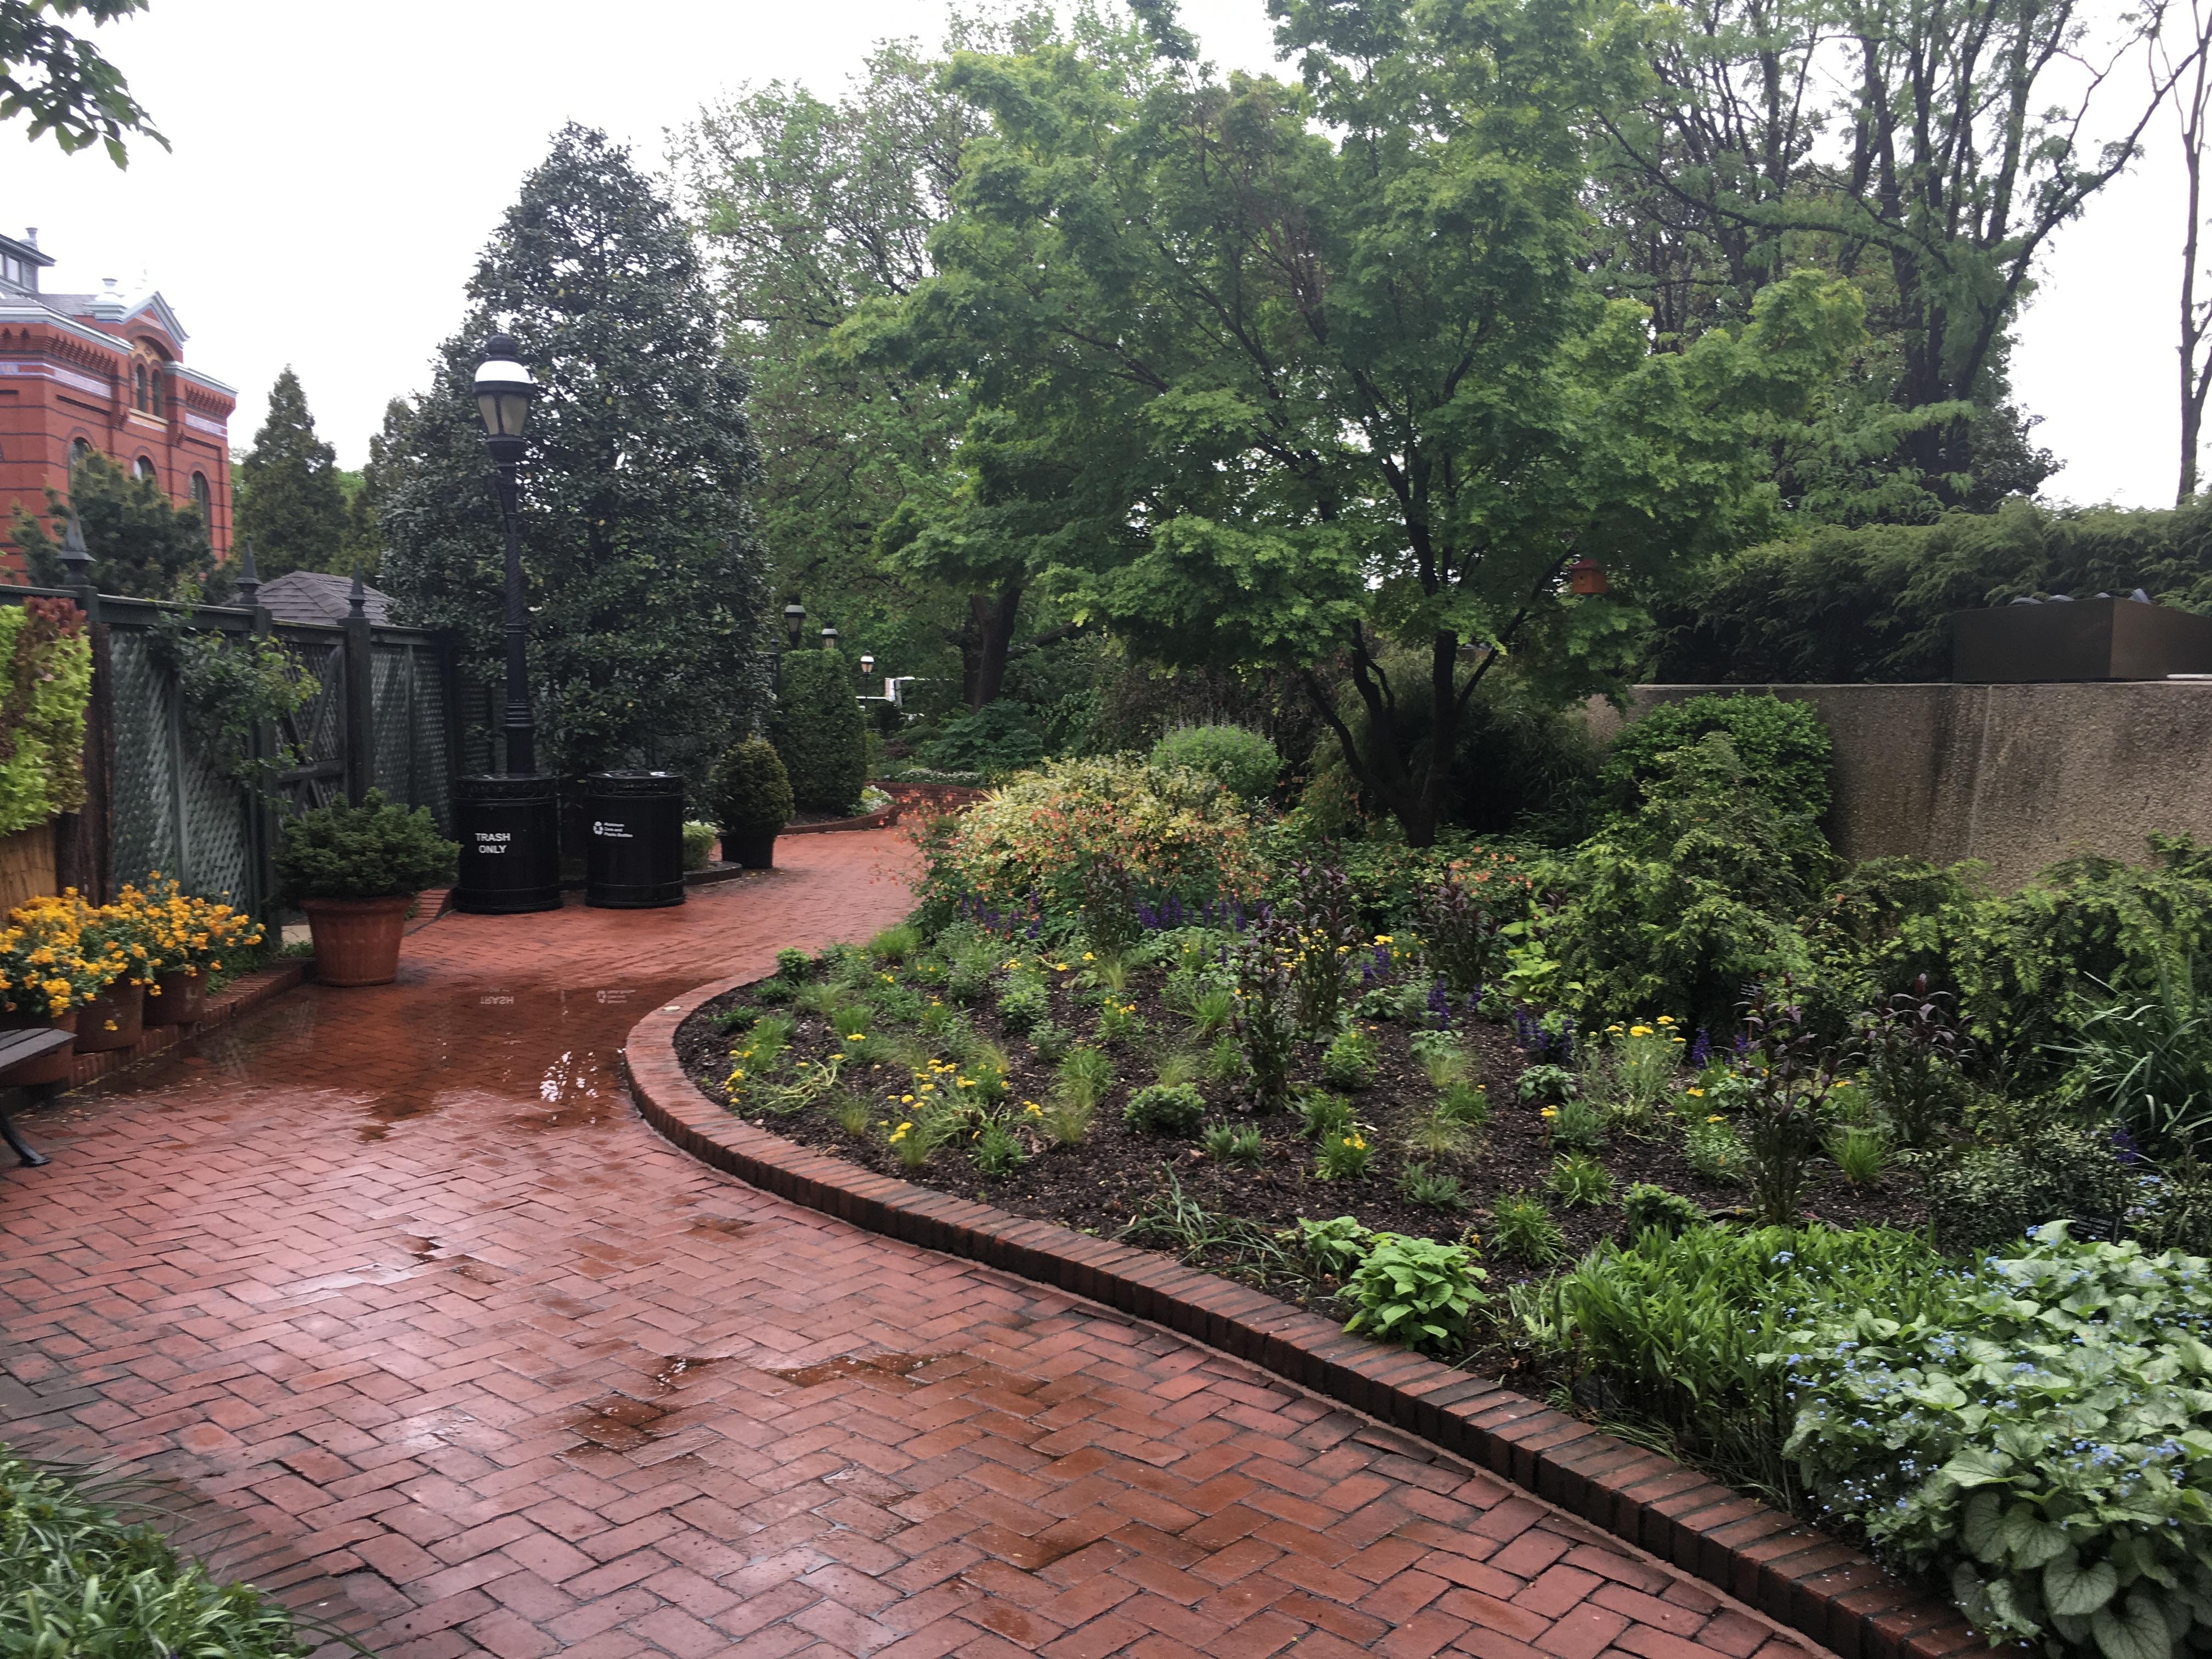 filemary livingston ripley garden 2016jpg